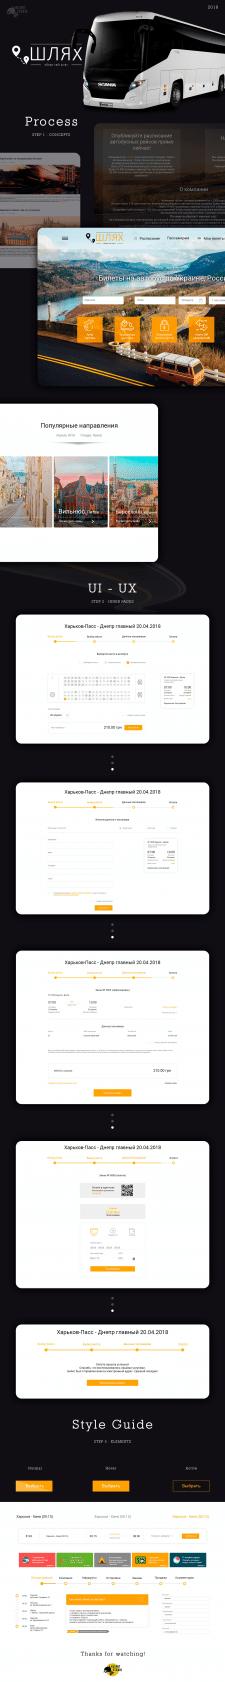 Сайт для онлайн сервиса поиска билетов на автобус